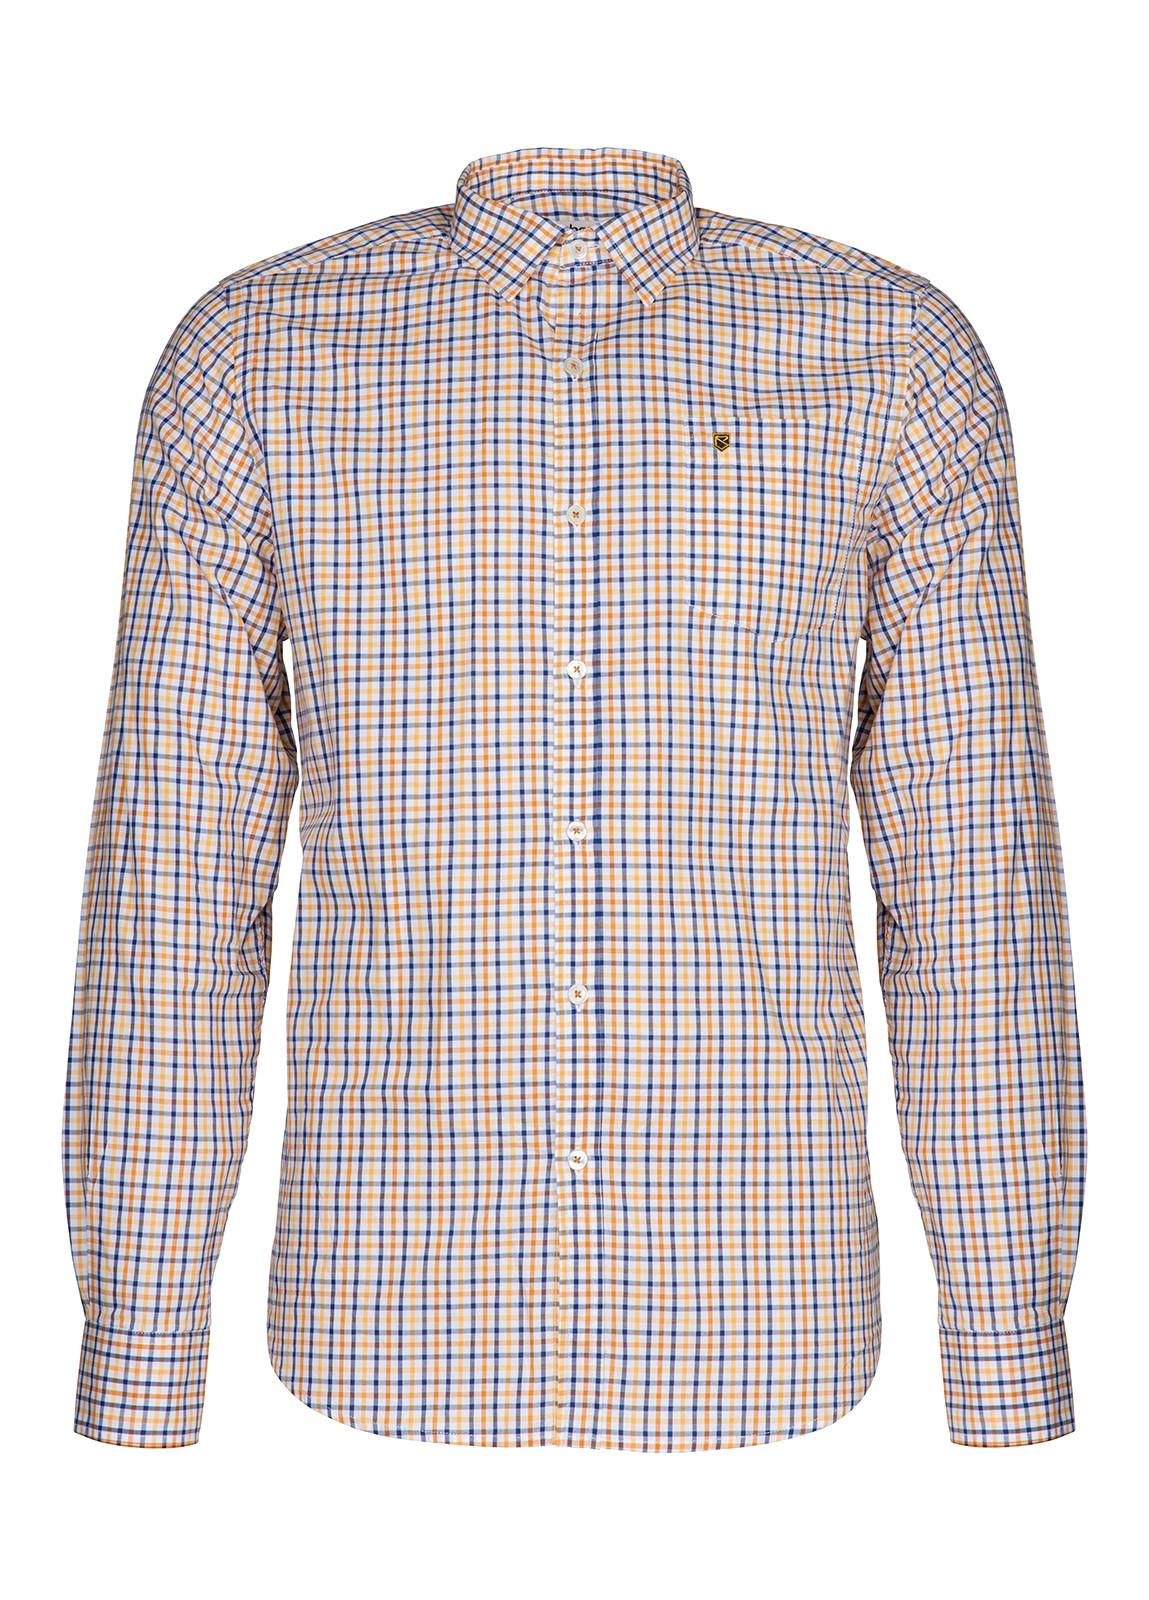 Dubarry_ Ballincollig shirt - Woodrose_Image_2